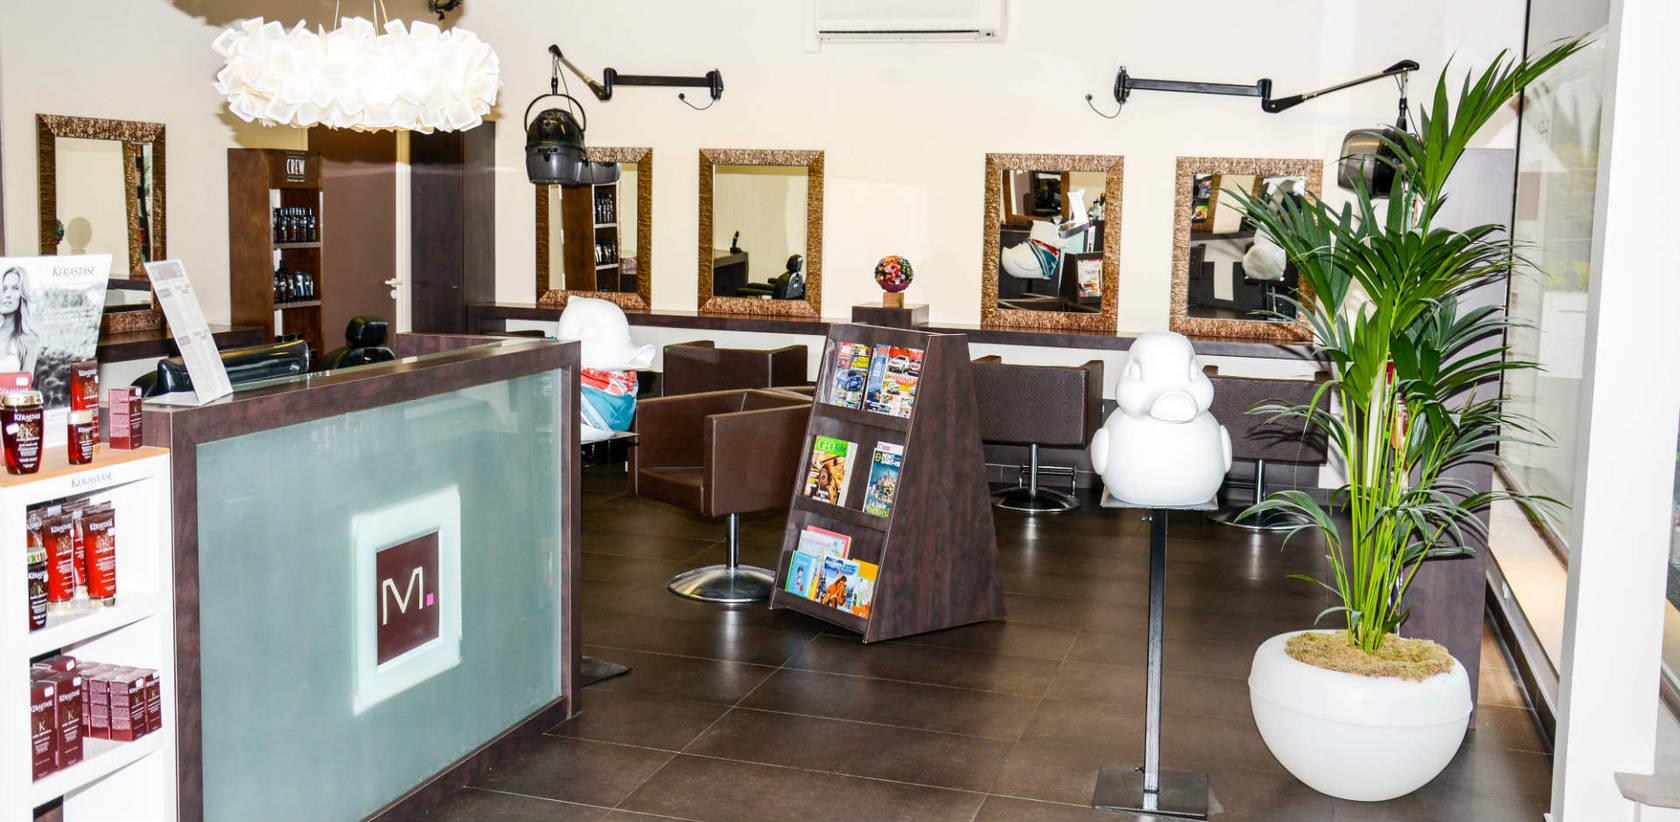 Myriam B - salon de coiffure à Angers - La roseraie